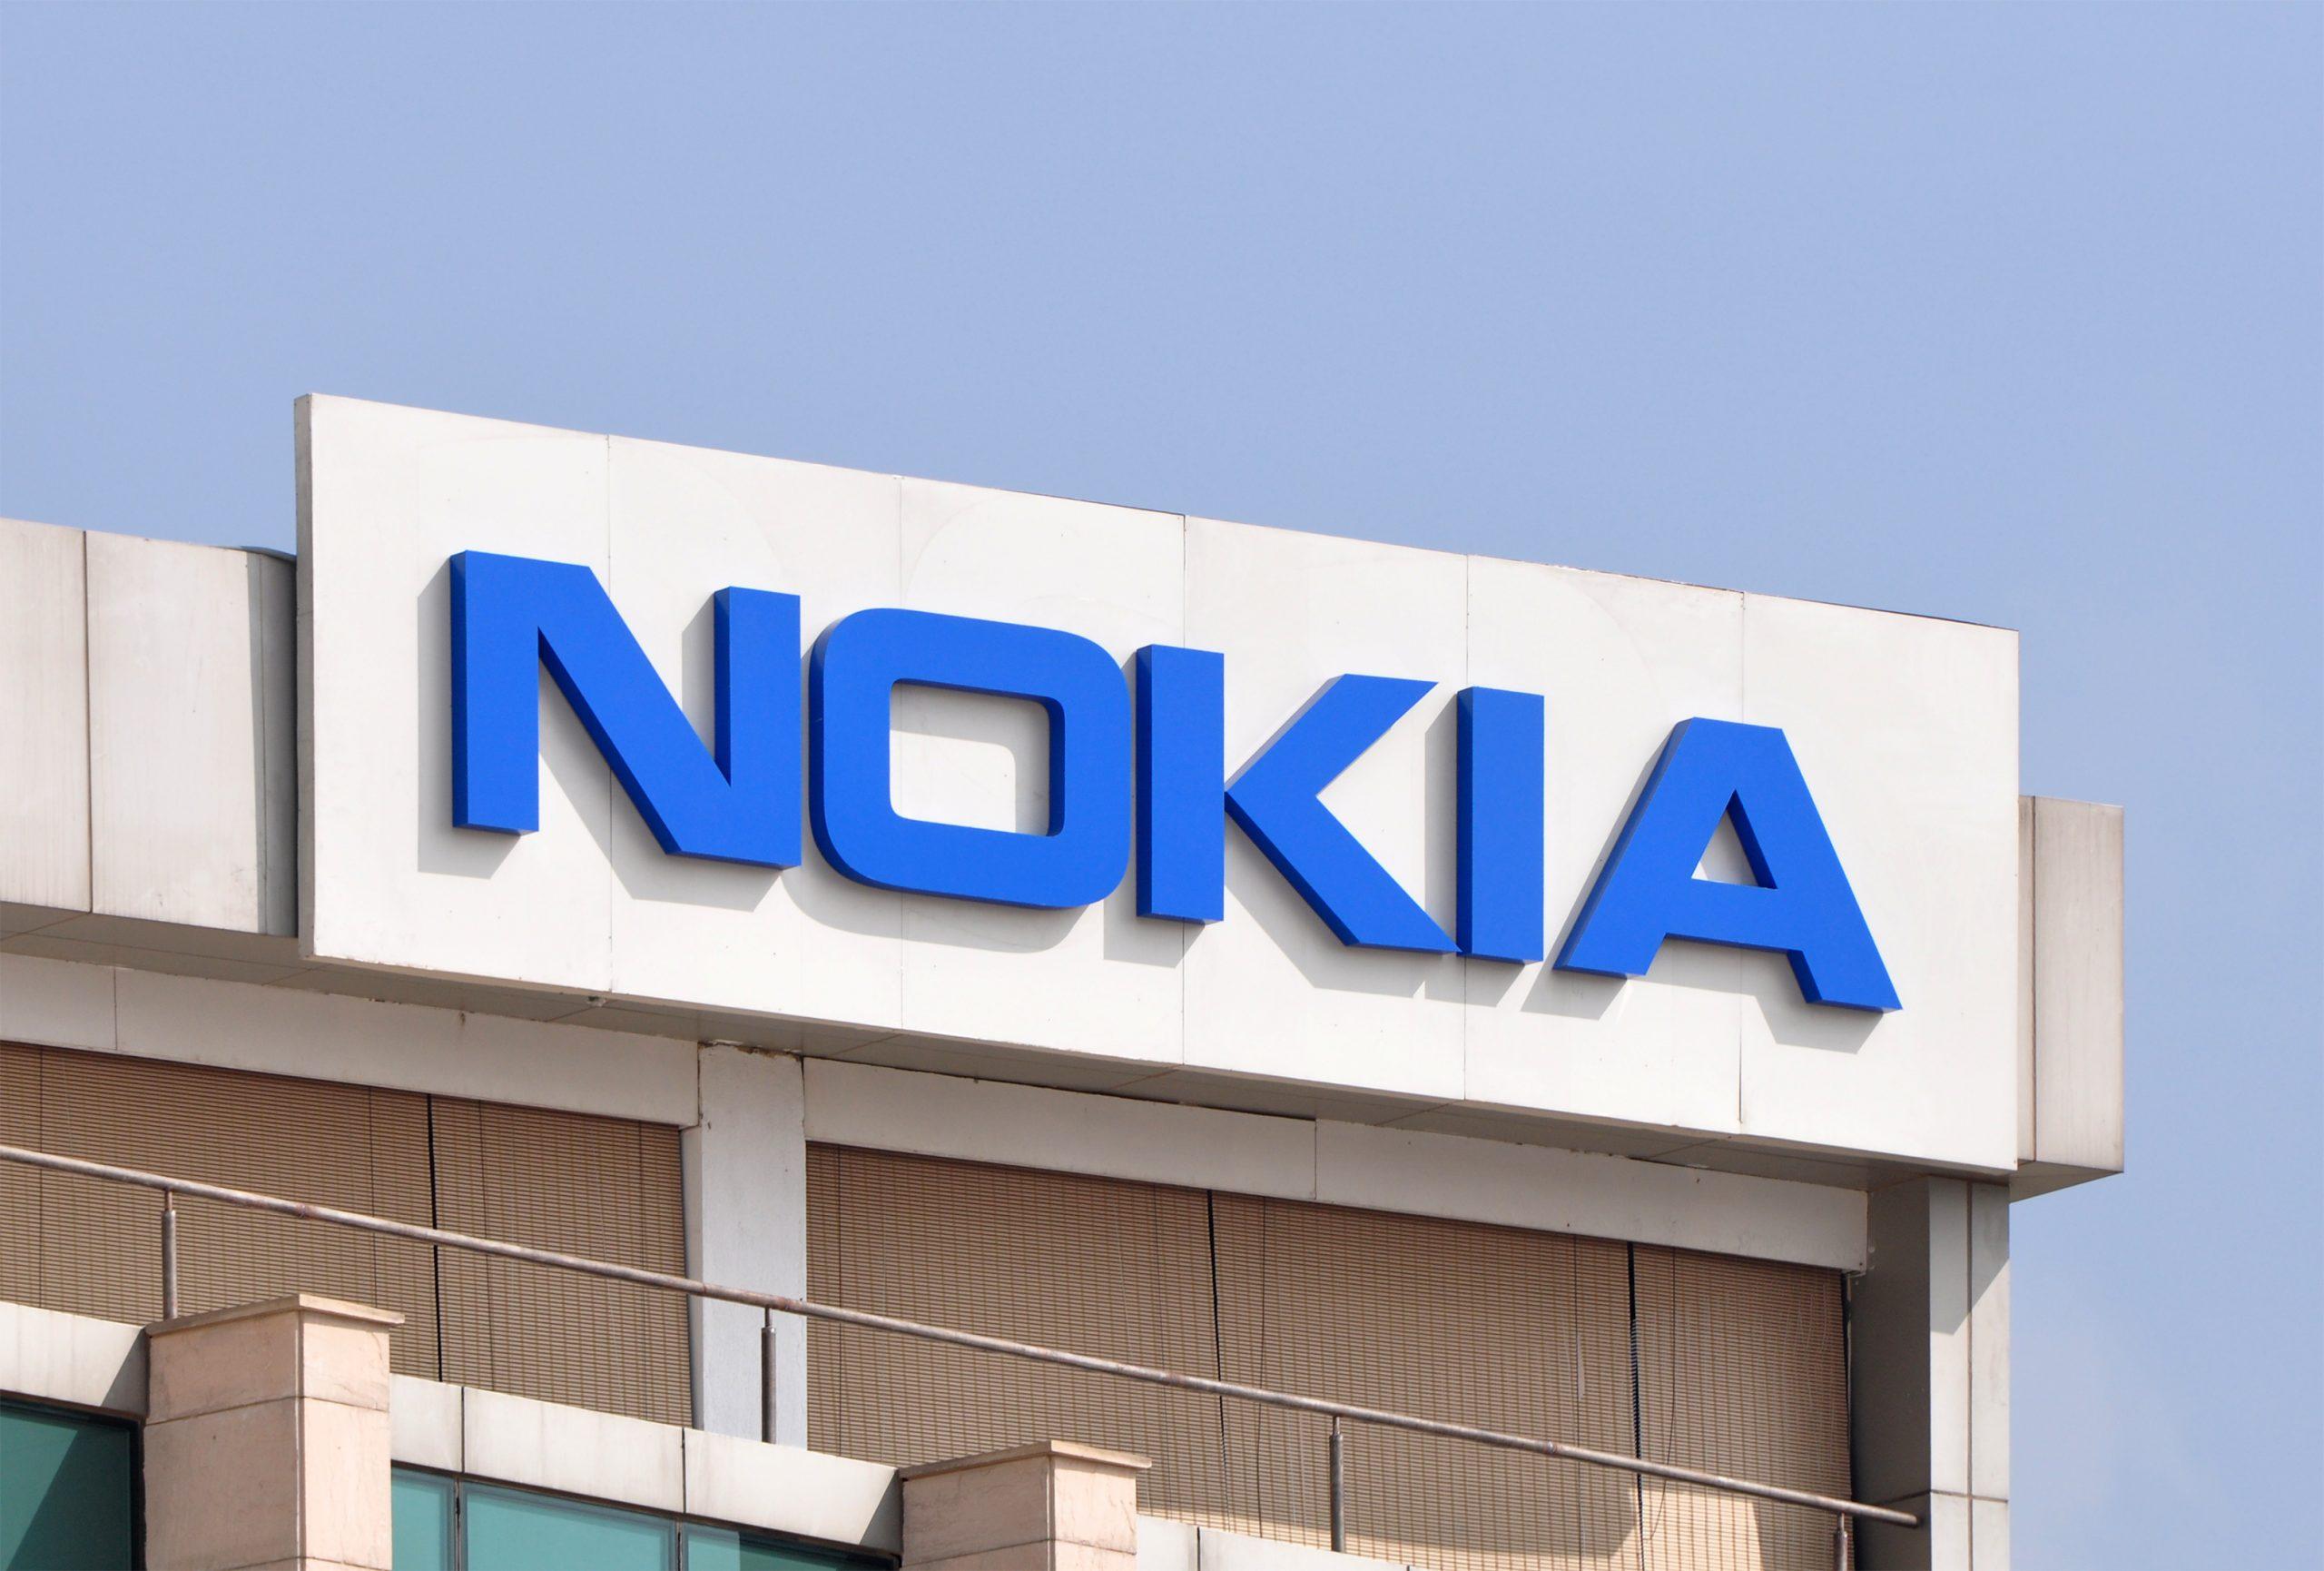 روکیدا | آیا نوکیا به بازار لپ تاپها وارد میشود؟ با پیوربوک آشنا شوید | نوکیا